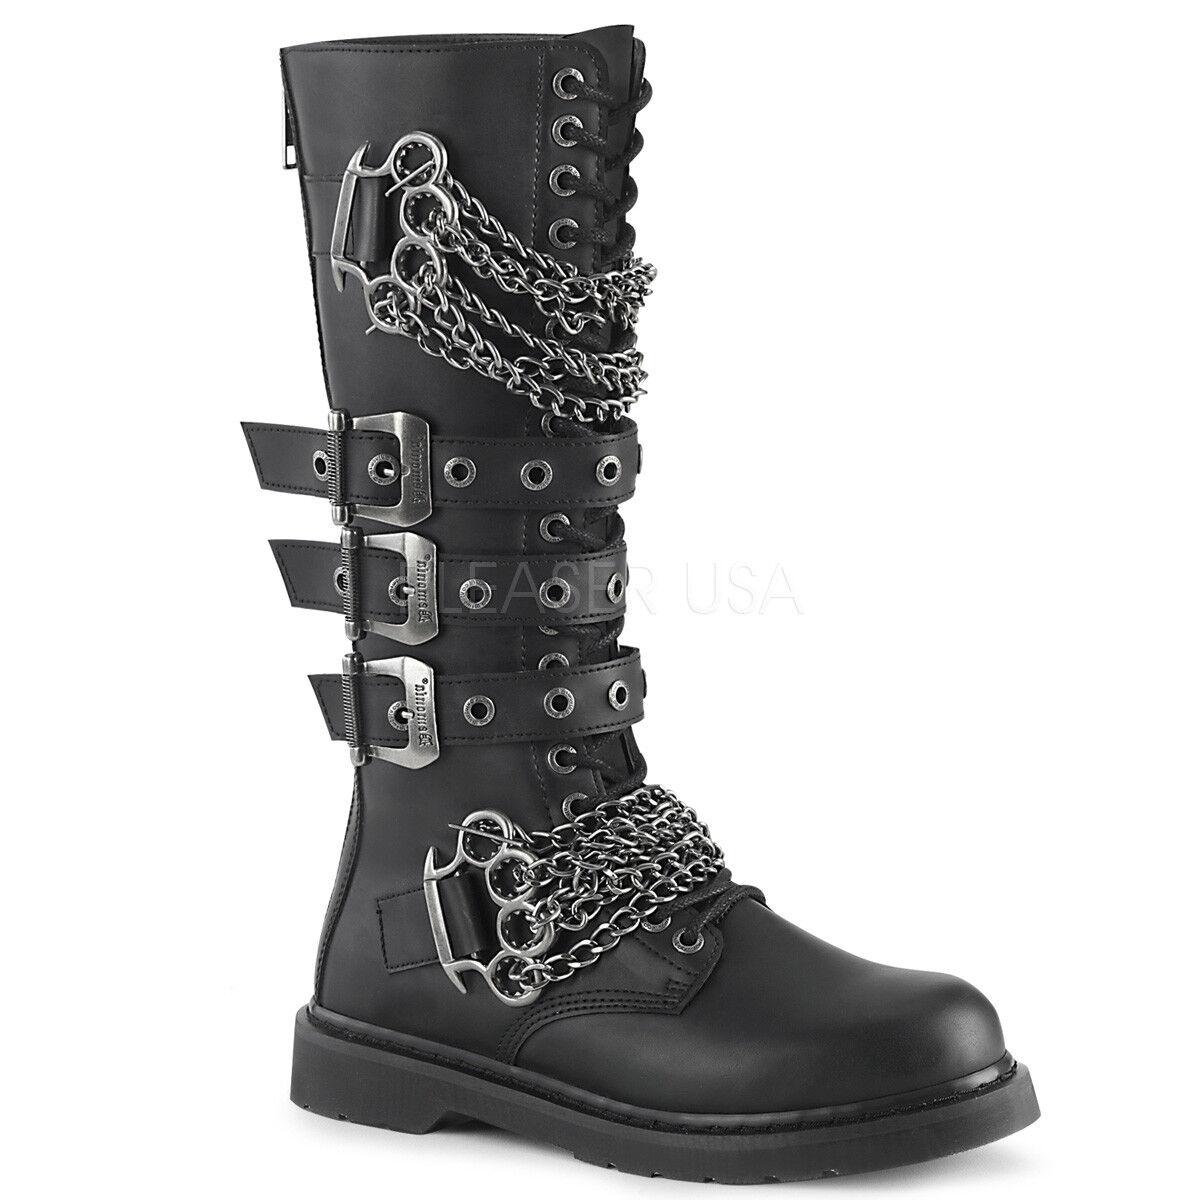 Demonia para Hombre Gotico Goth Punk Rock Biker la rodilla alta botas de combate Perno - 450